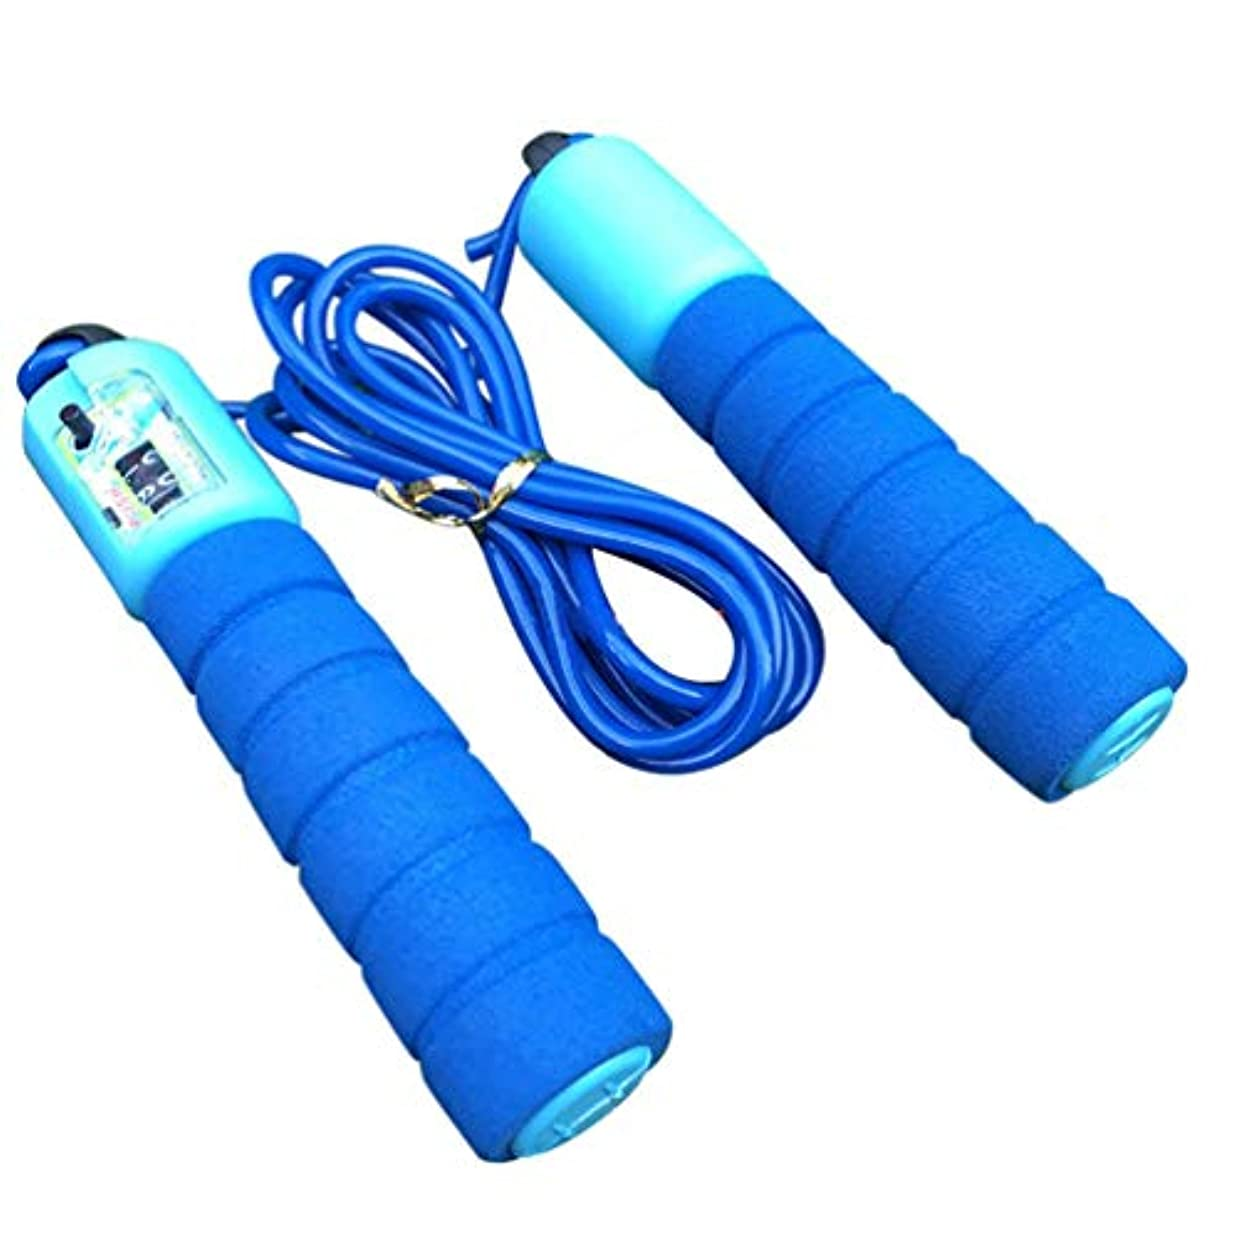 お互い放つ人気調整可能なプロフェッショナルカウント縄跳び自動カウントジャンプロープフィットネス運動高速カウントジャンプロープ - 青